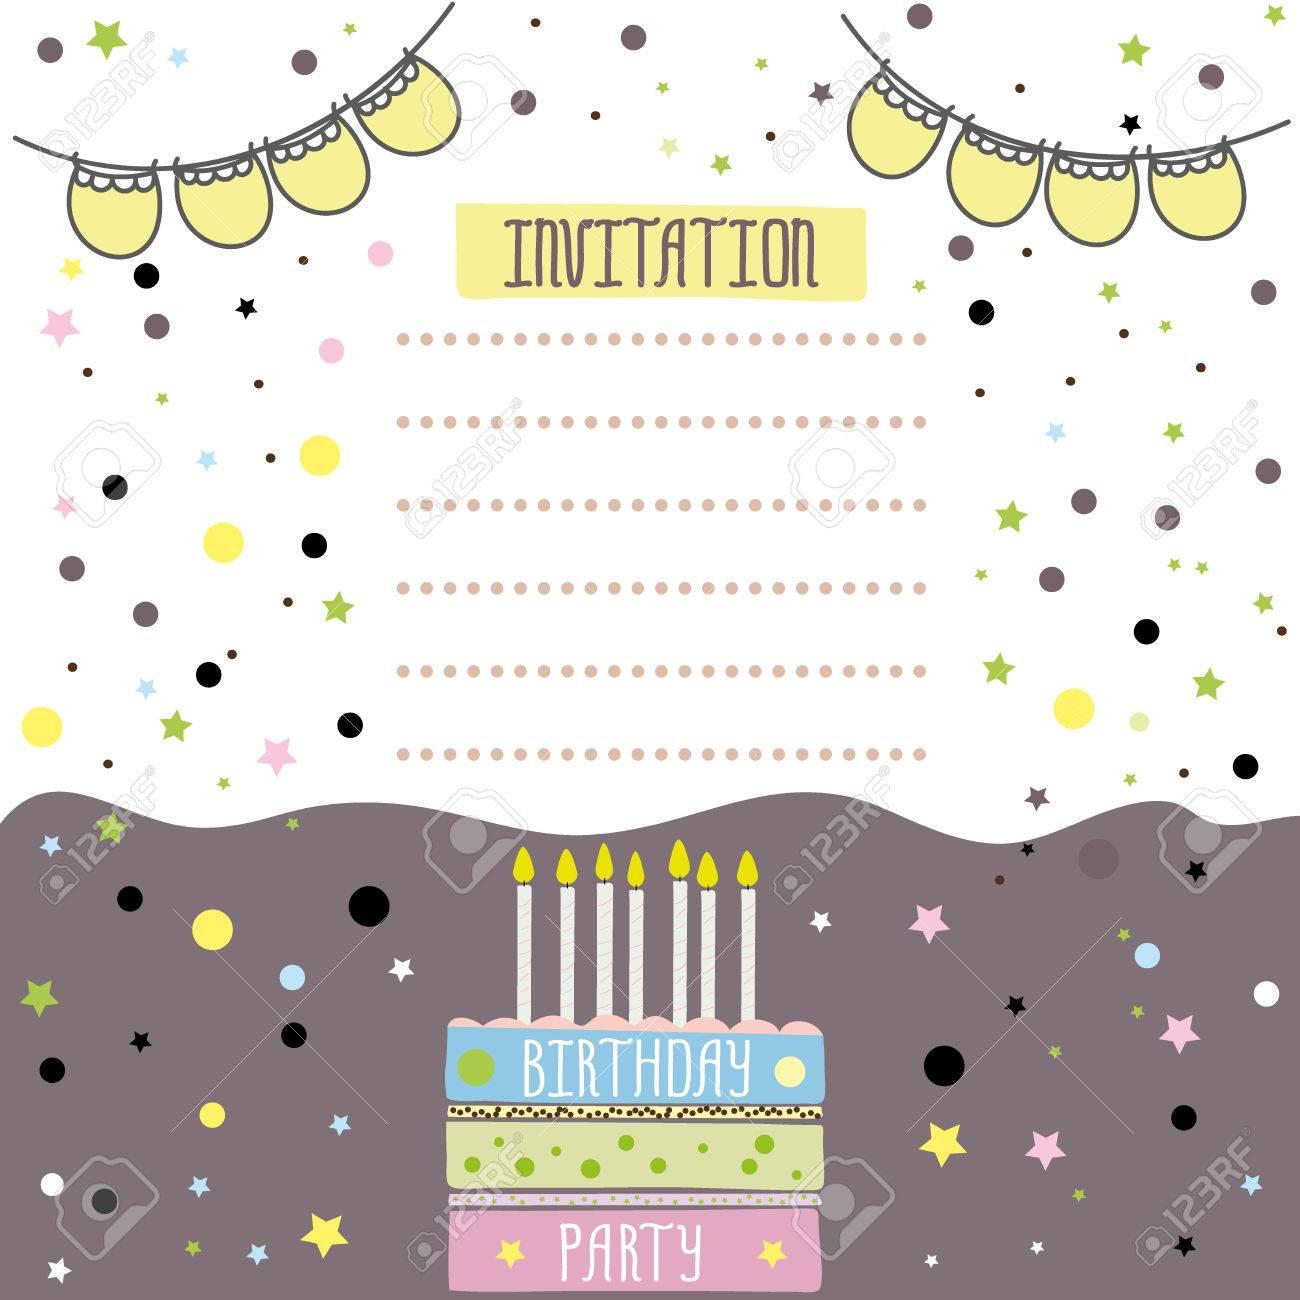 Happy birthday invitation card design vector illustration royalty happy birthday invitation card design vector illustration stock vector 63571364 stopboris Gallery